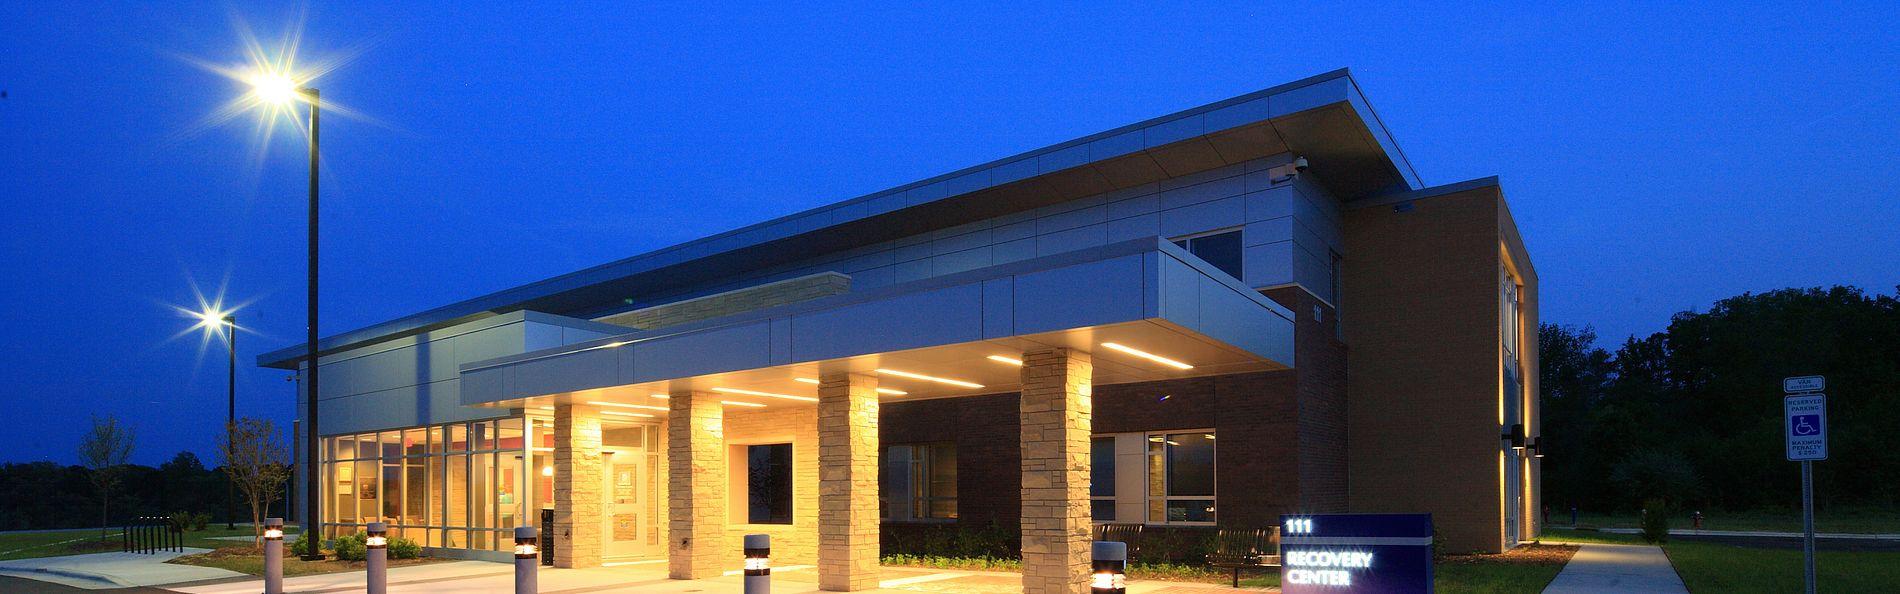 The exterior of both buildings is brick veneer, ashlar stone veneer, and metal wall panels